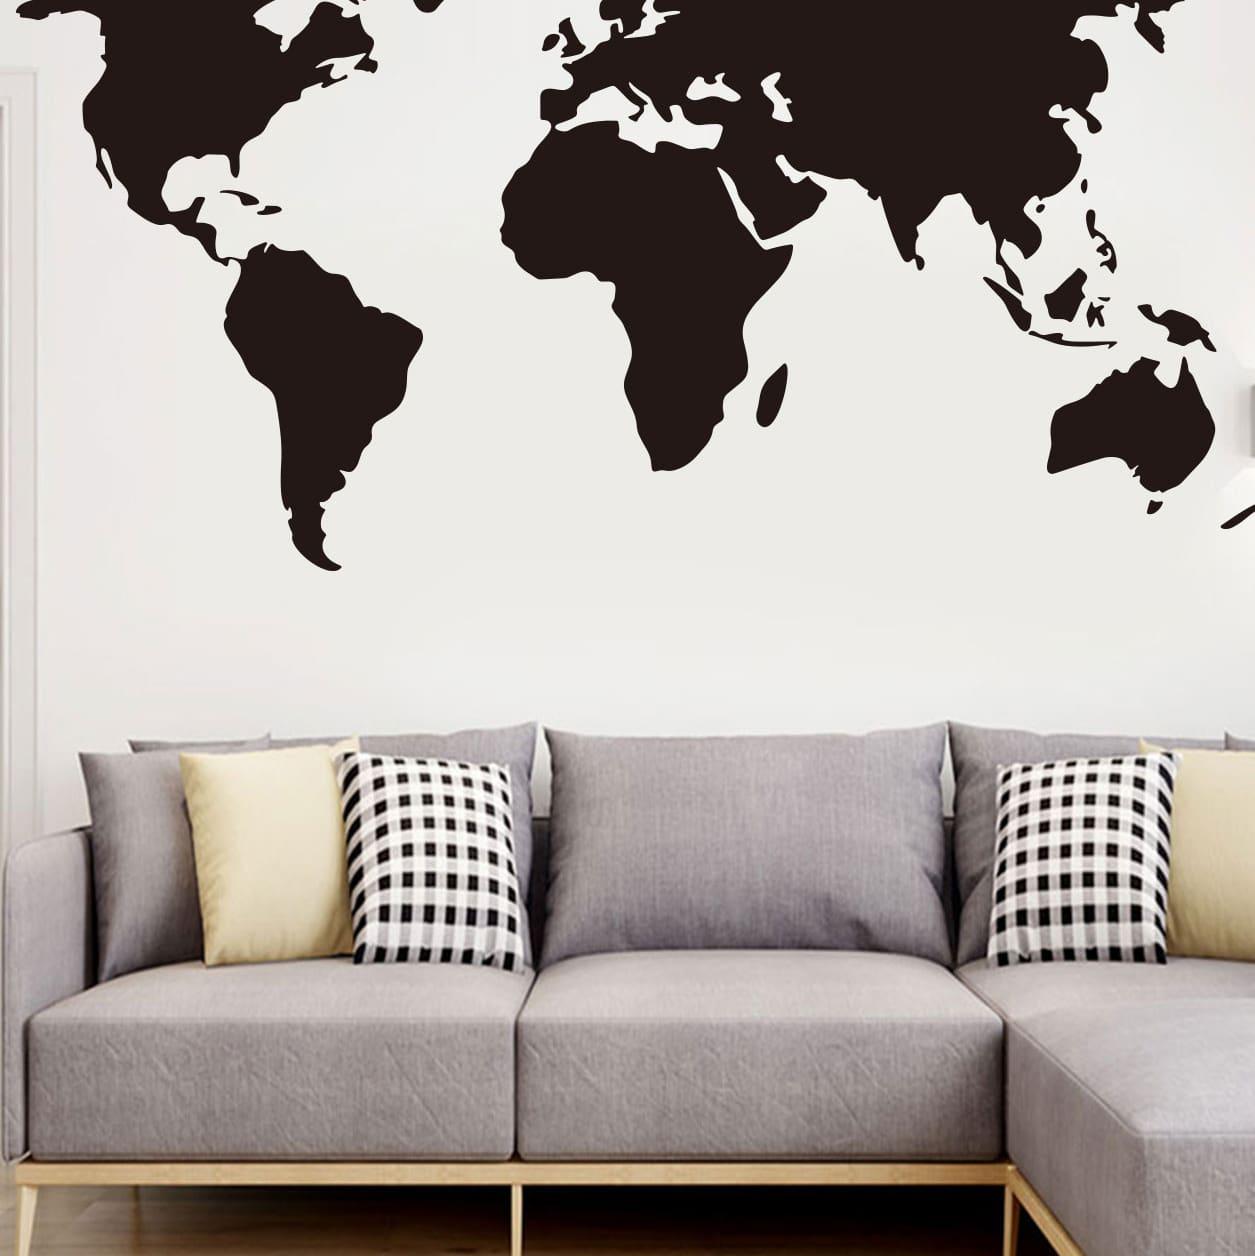 SHEIN / Wandaufkleber mit Weltkarte Muster